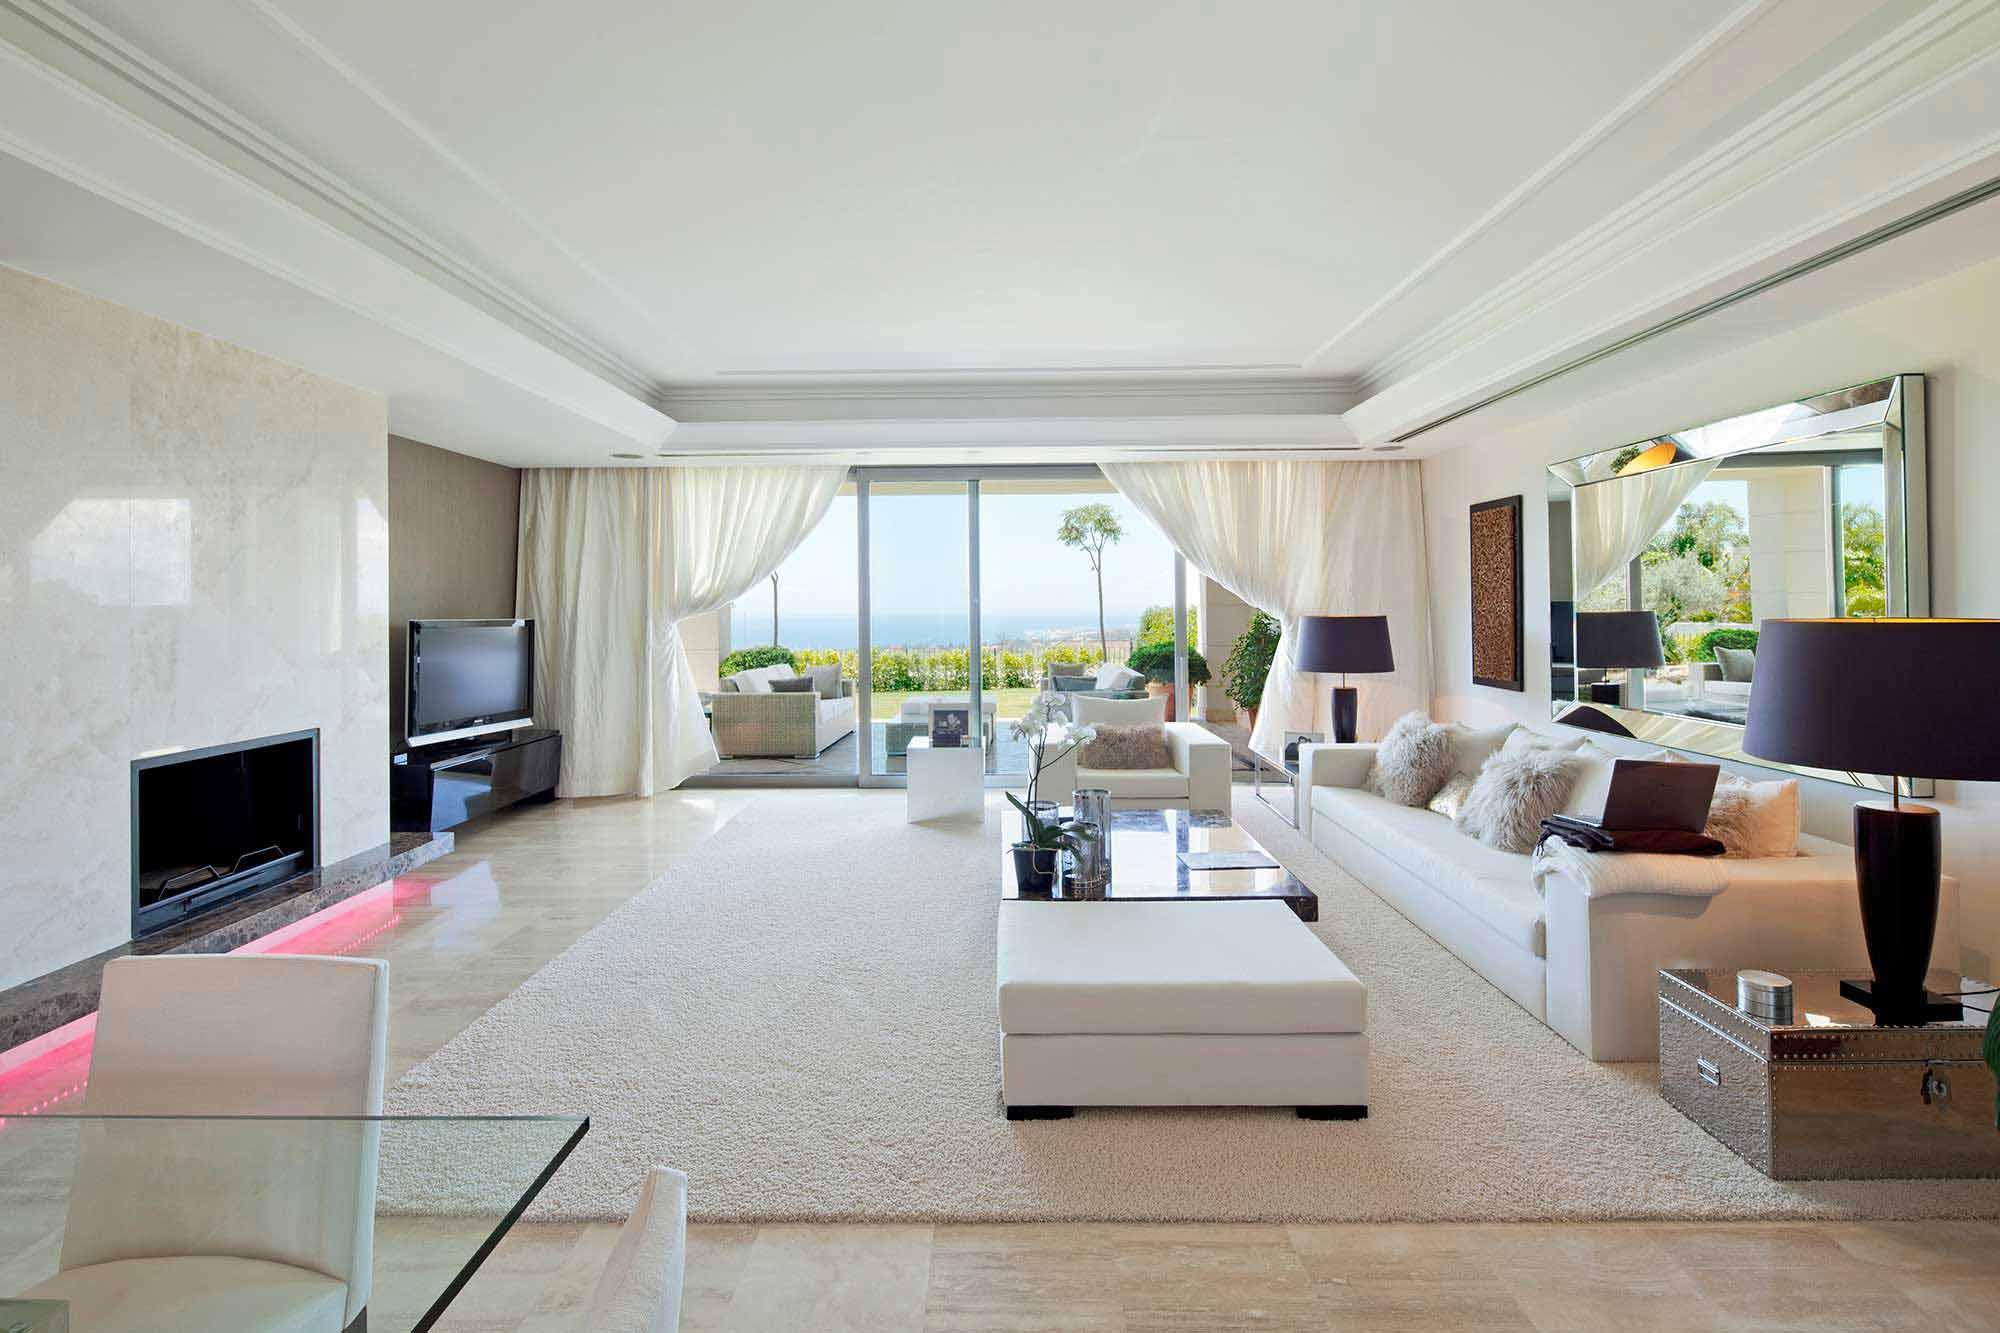 Il settore immobiliare inizia il 2018 in forte crescita a marbella e malaga - Immobiliare marbella ...